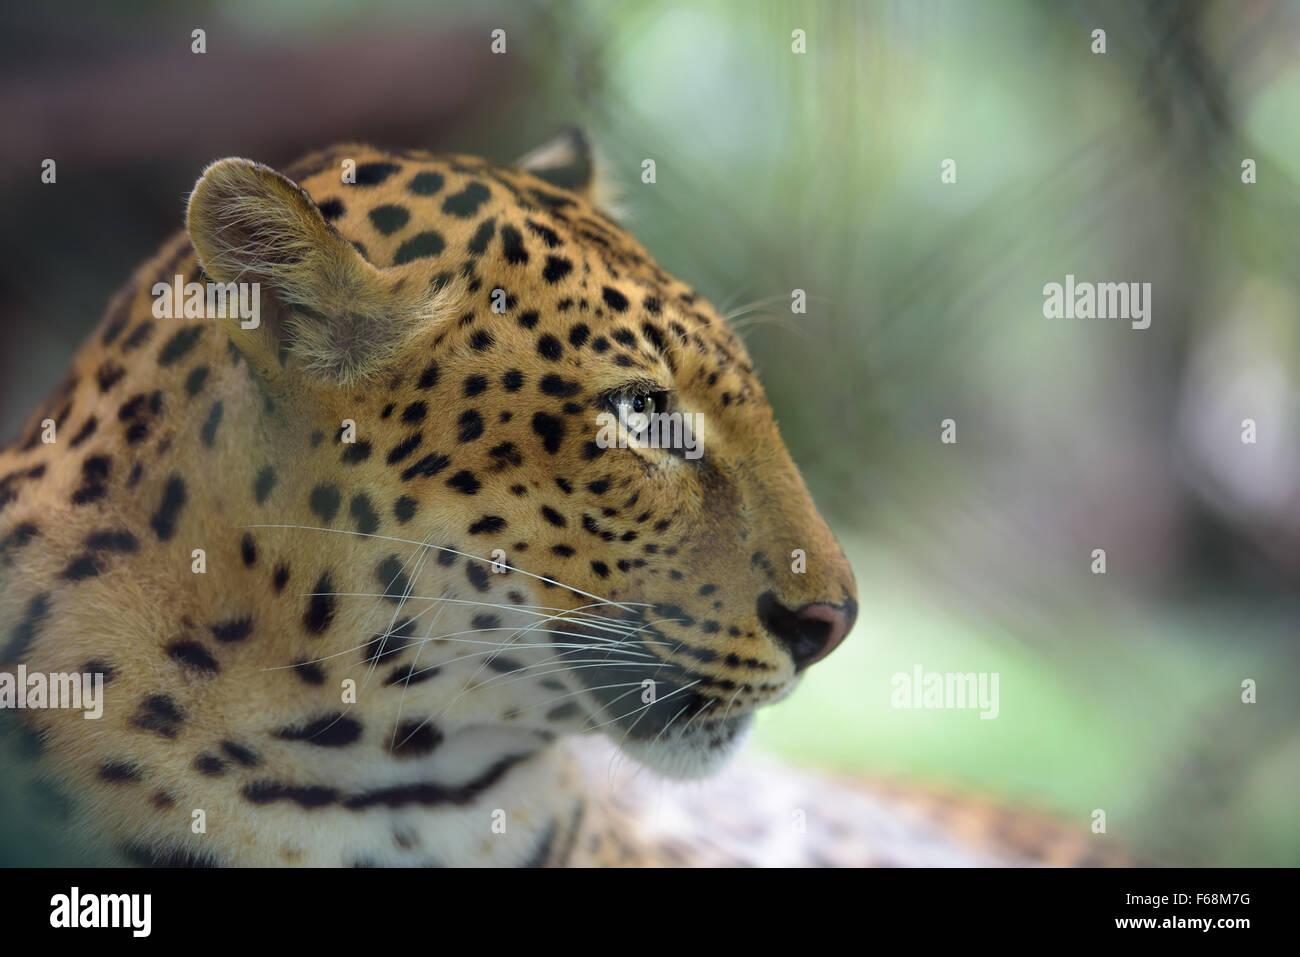 Demi-gros plan face Portrait de jaguar, faible profondeur de champ Photo Stock